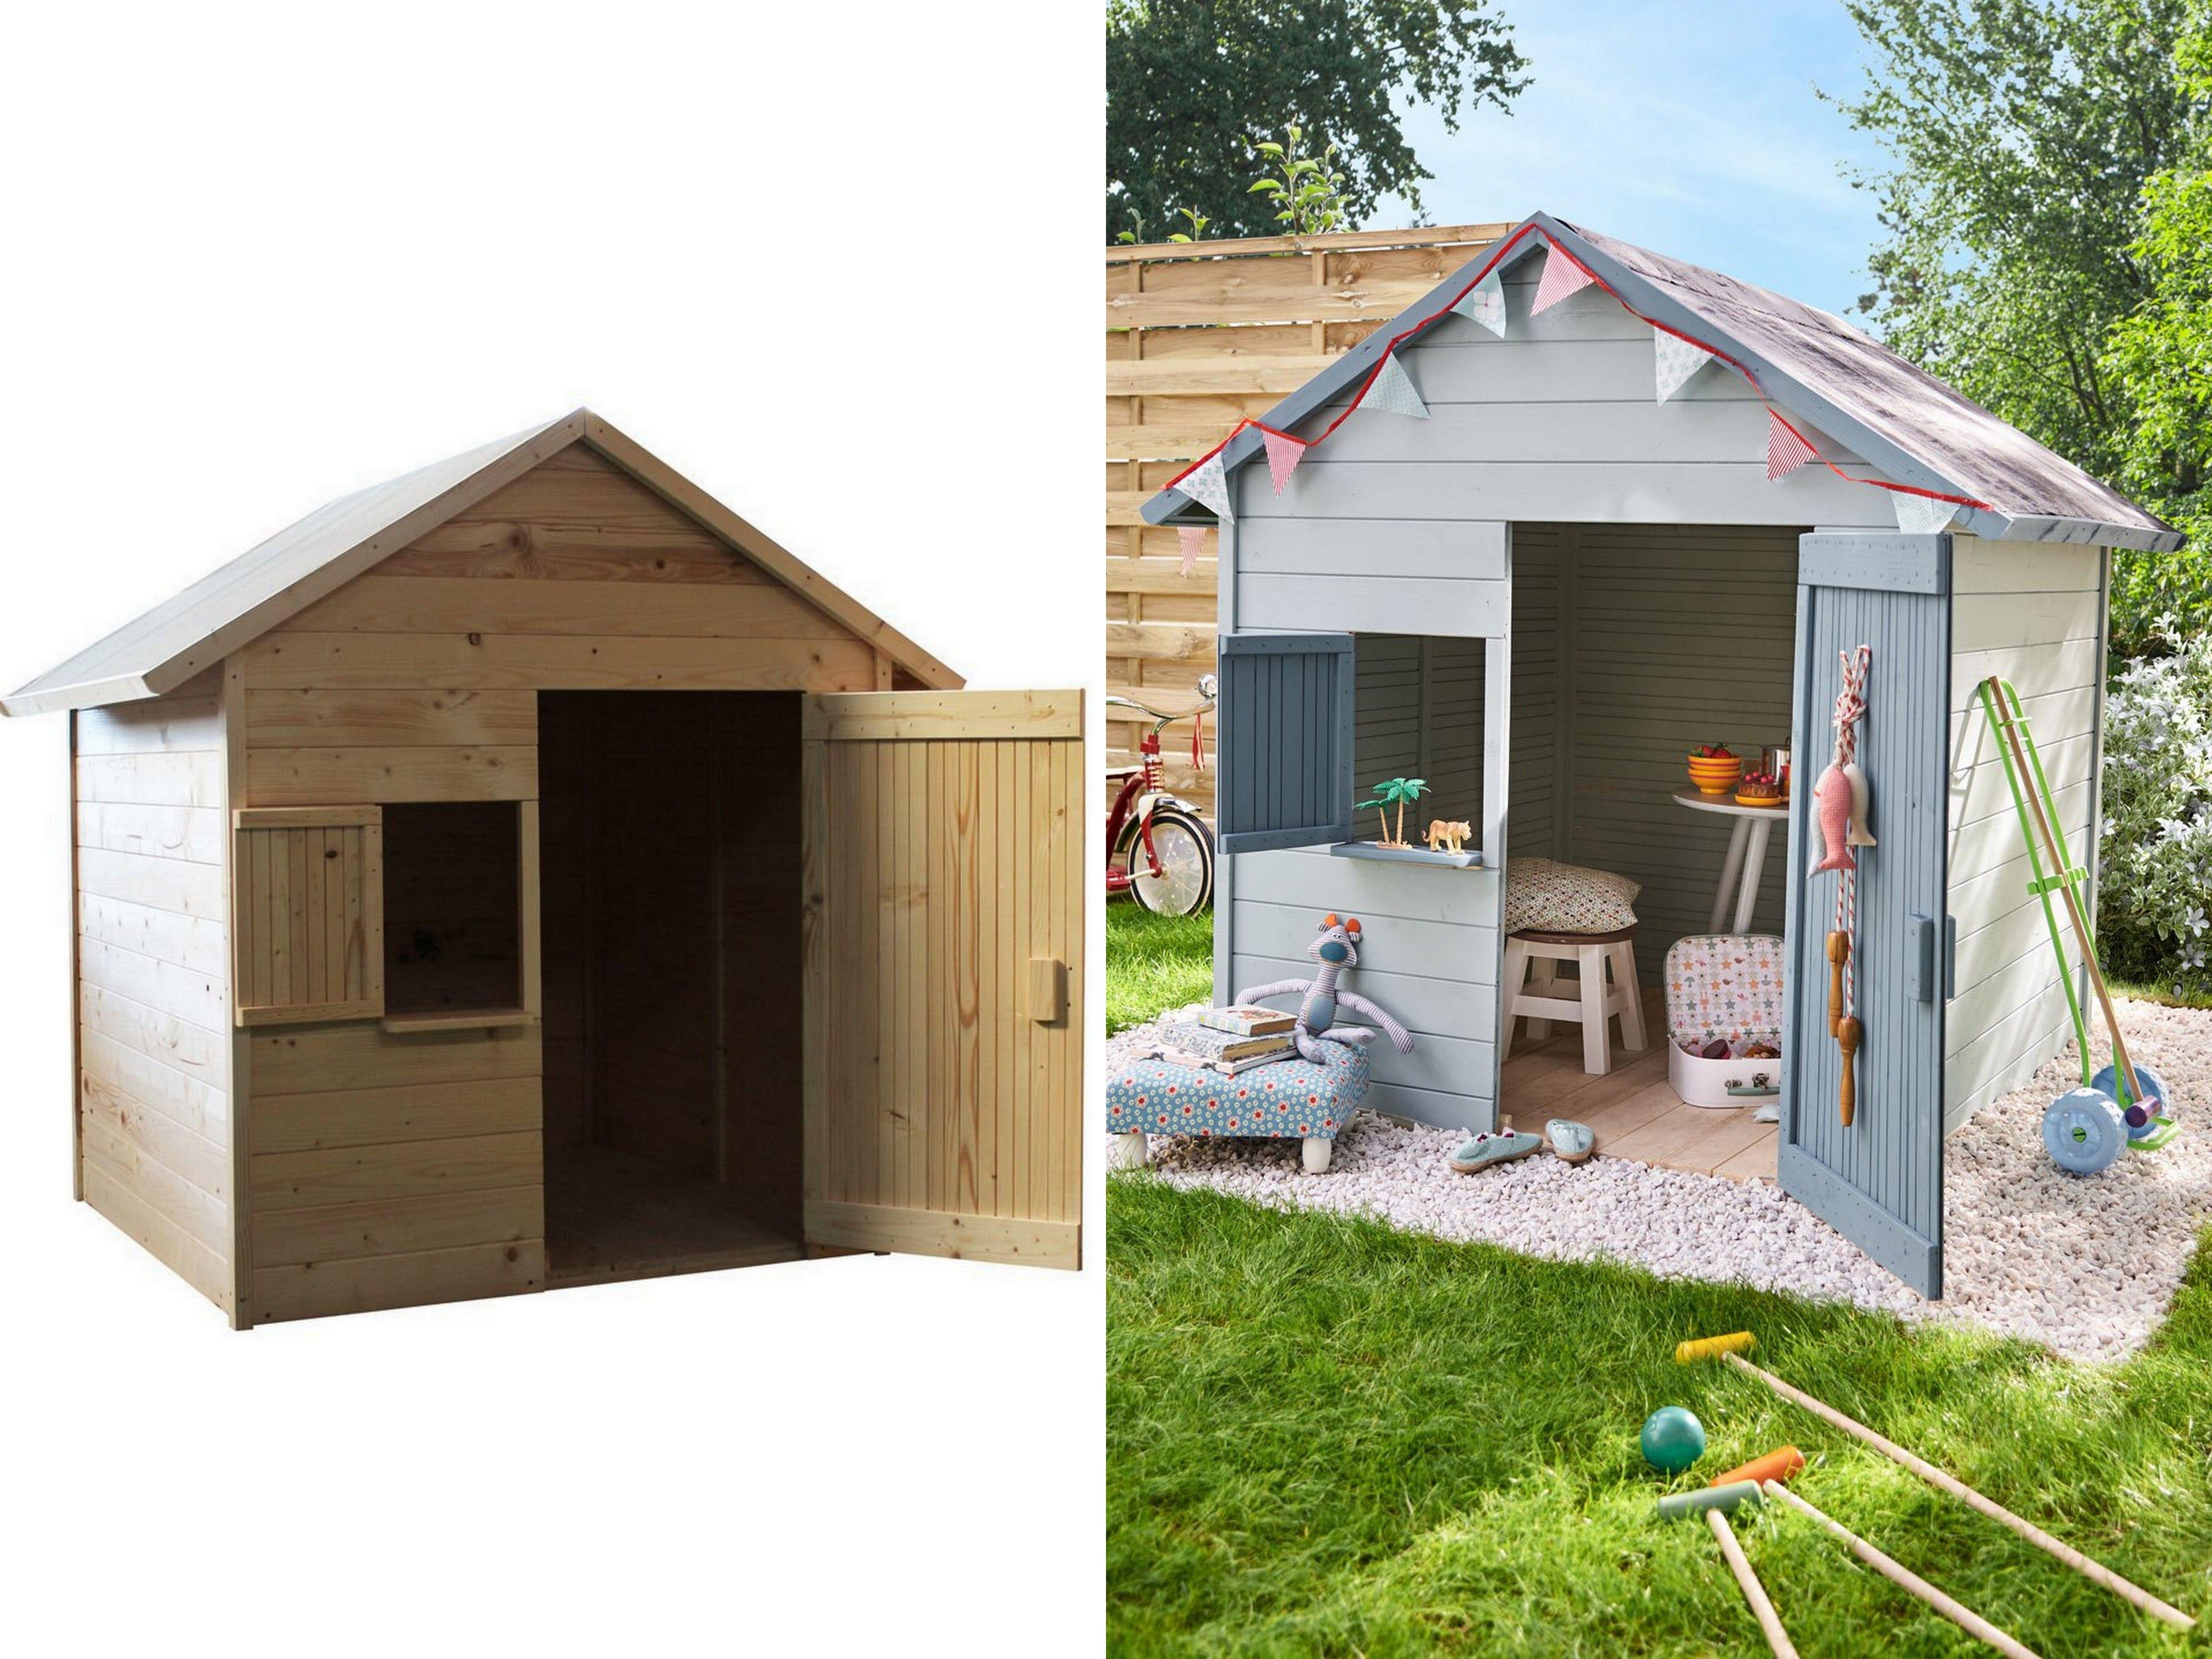 une cabane en bois pour enfant a prix doux joli place abri de jardin pvc cabane bois enfant maison jardin enfant